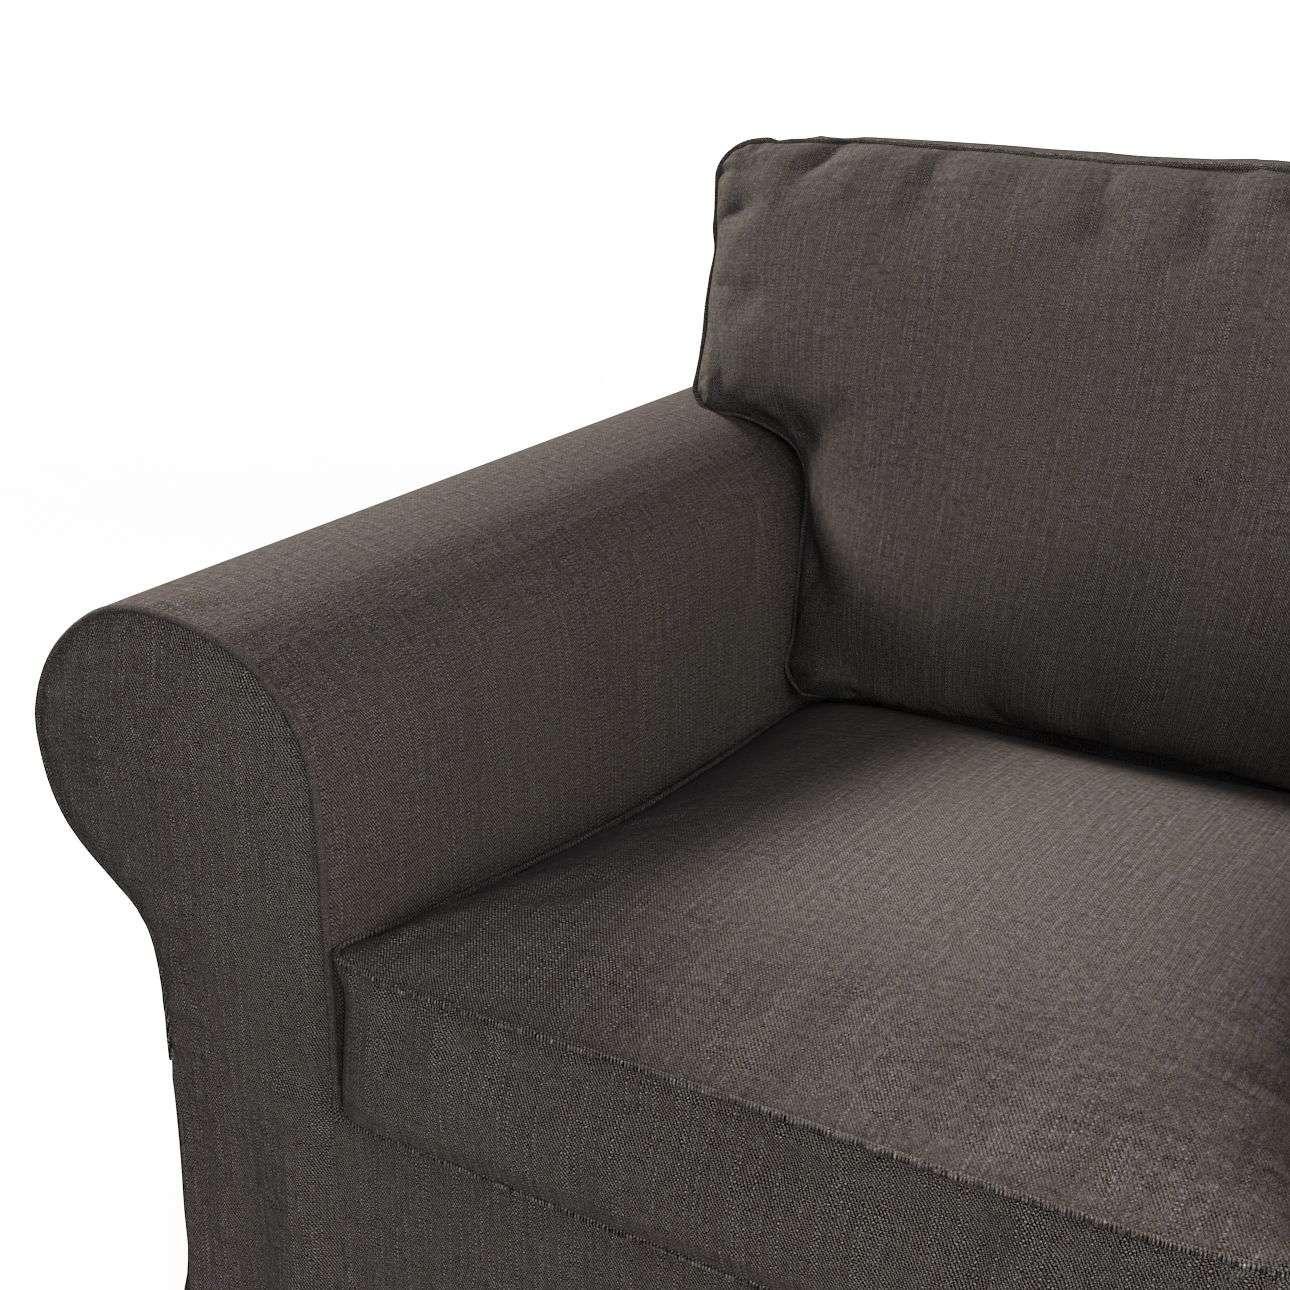 Pokrowiec na fotel Ektorp Fotel Ektorp w kolekcji Vintage, tkanina: 702-36